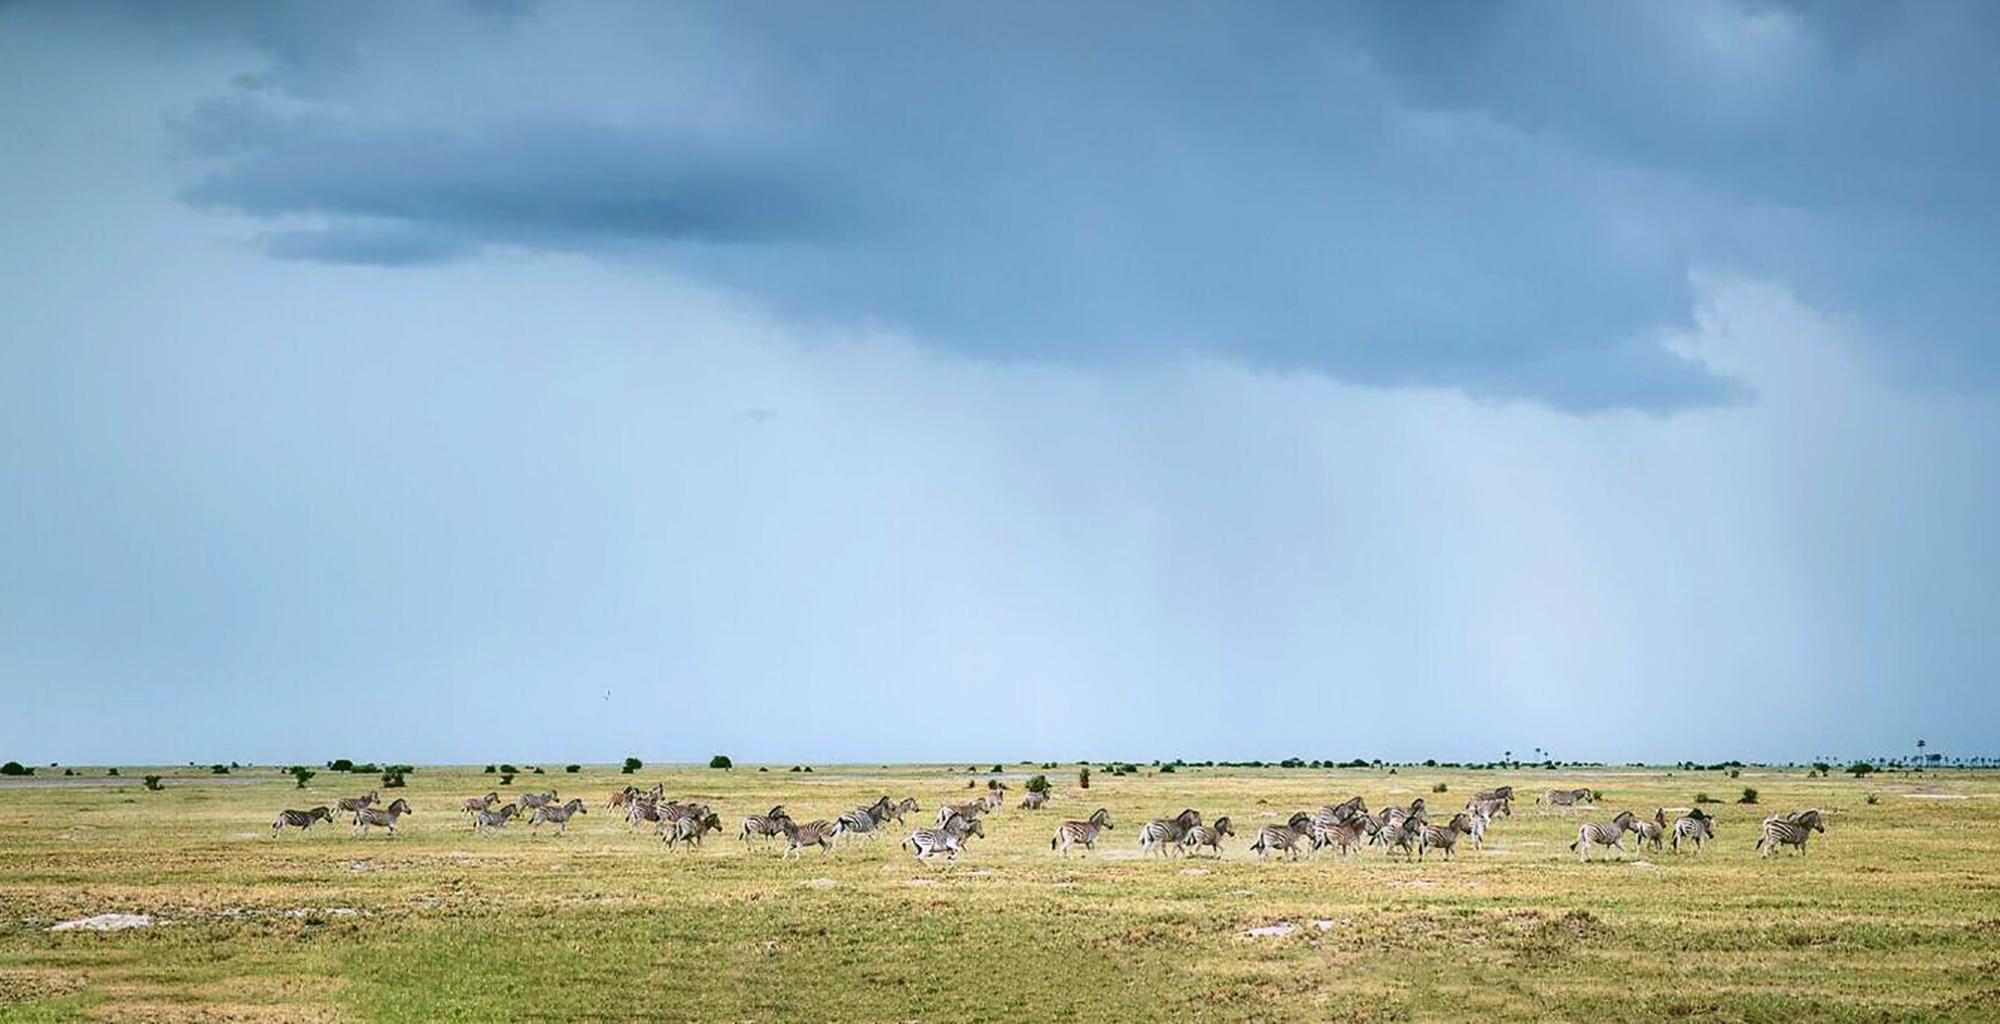 Botswana-Kalahari-Makgadikgadi-Pans-Wildlife-Migration